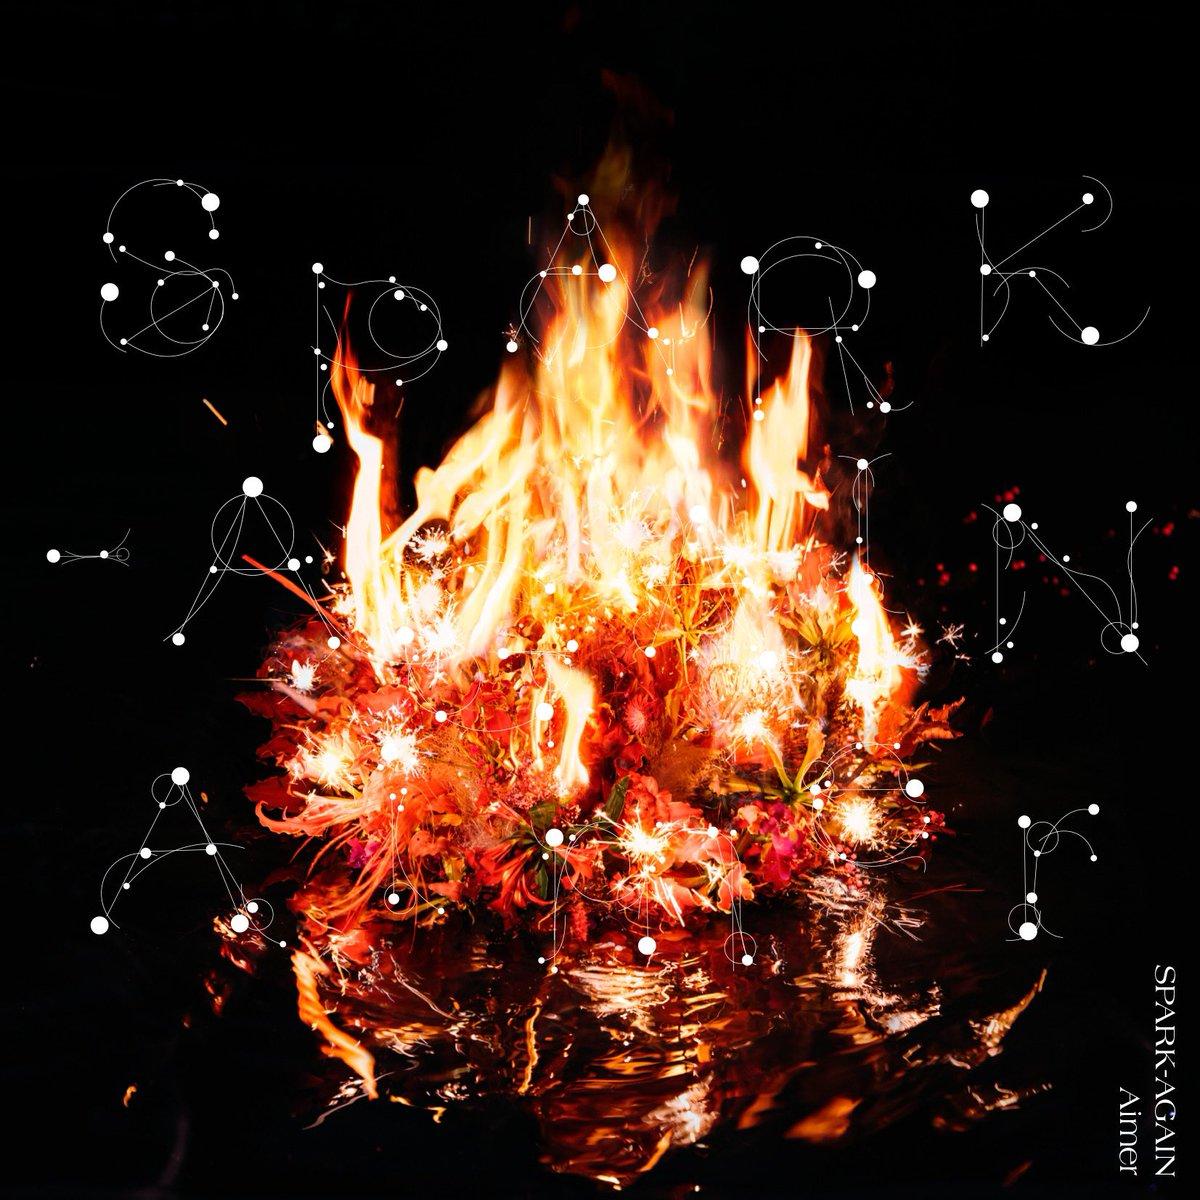 test ツイッターメディア - わたくしAimer、19thSG「SPARK-AGAIN」を9/9にリリースします!「SPARK-AGAIN」は『炎炎ノ消防隊 弐ノ章』OPに決まりました。嬉しい!炎みたいなエネルギー注いでつくりました。この曲でみんなの心も燃やせたら嬉しいです。OP担当は5年ぶり!9/7で9周年。9年の9/9に19枚目のSGです。お楽しみに🔥Aimer https://t.co/eR9hyPGYai